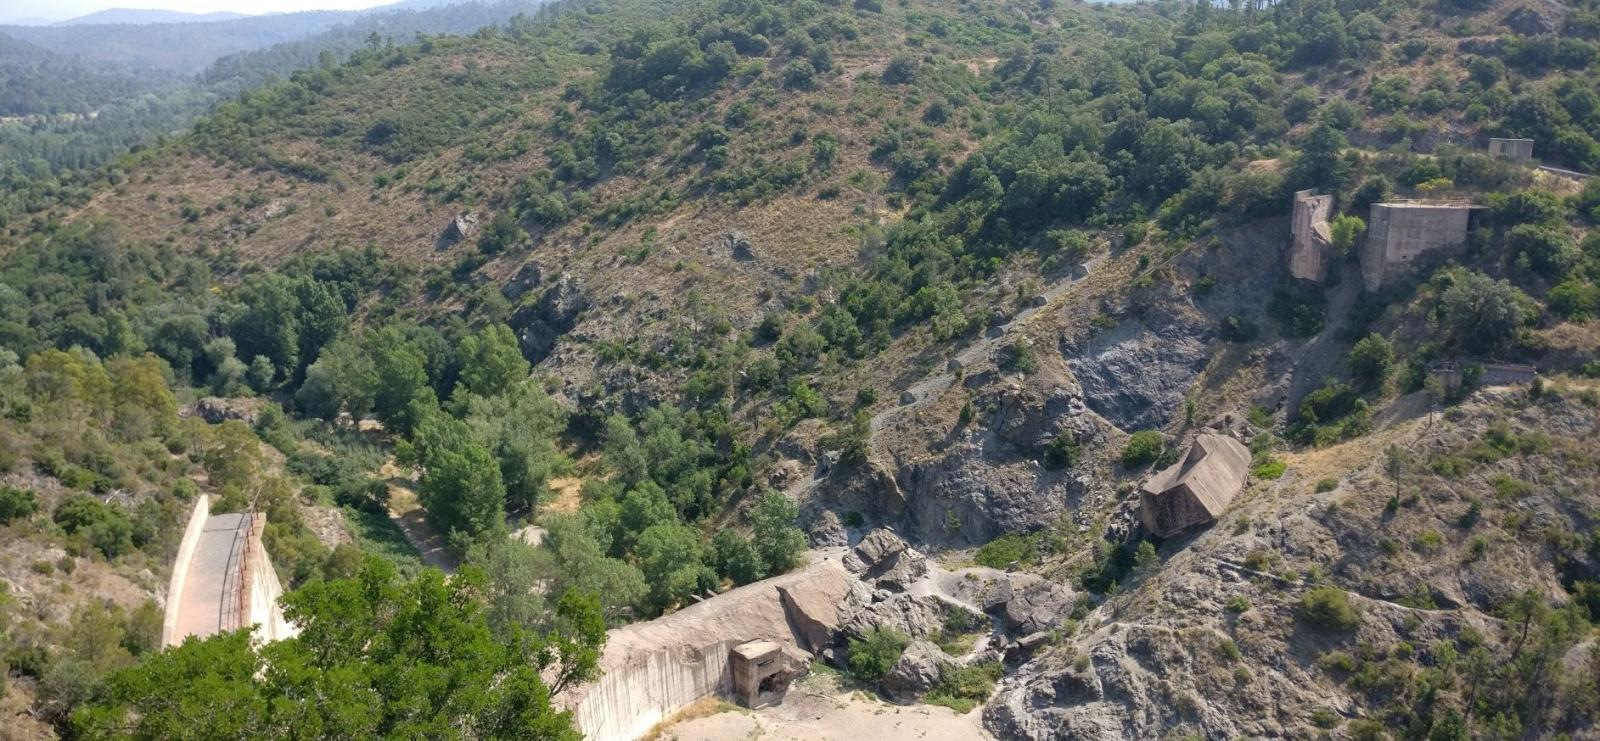 Randonnée - Boucle du barrage de Malpasset